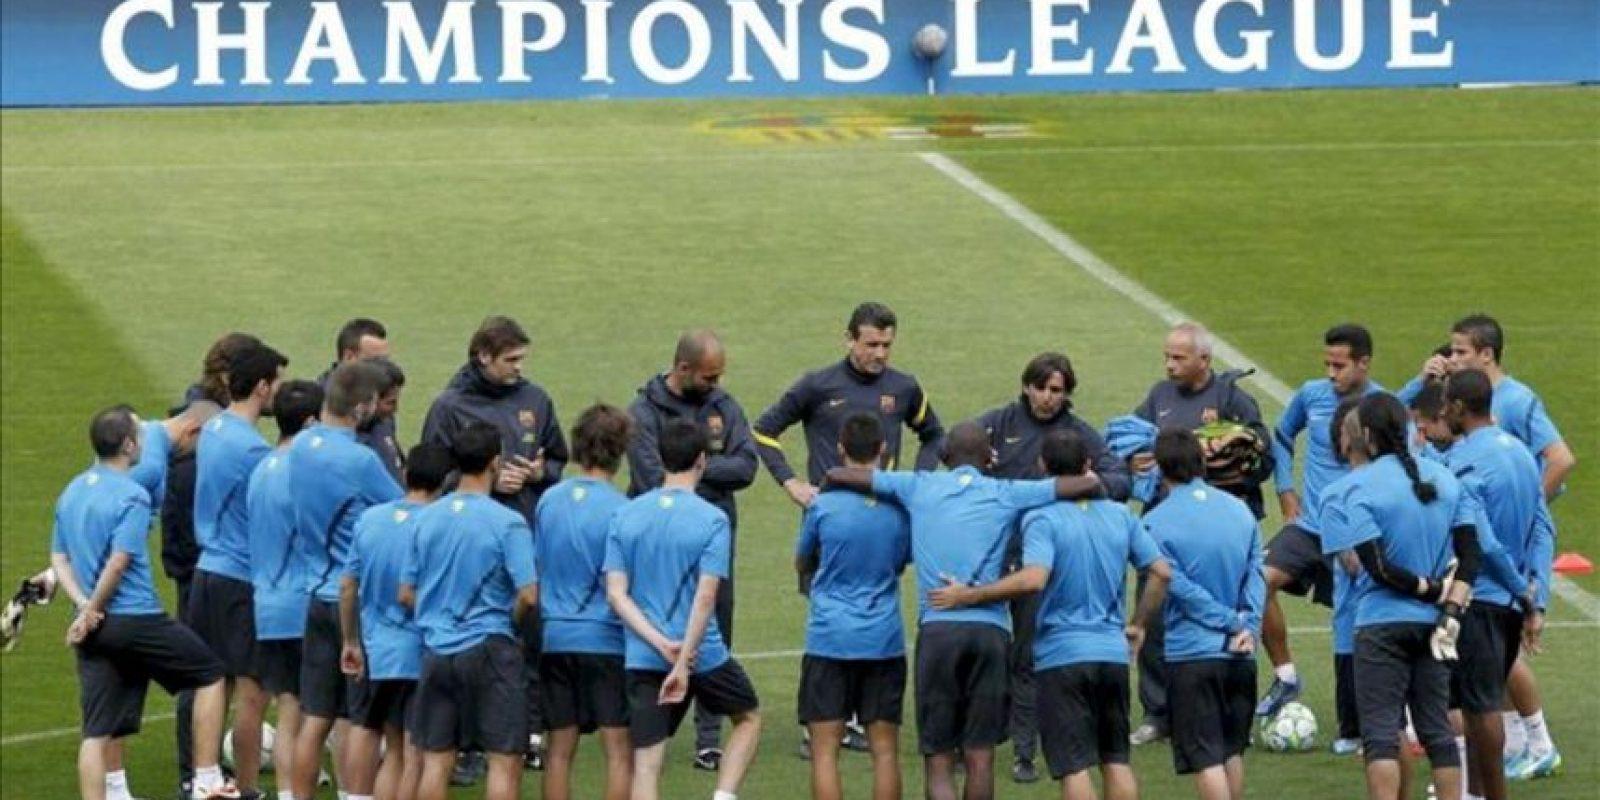 La plantilla del FC Barcelona escucha a su cuerpo técnico durante el entrenamiento del conjunto azulgrana previo al encuentro de vuelta de cuartos de final de la Liga de Campeones de que disputará mañana ante el Milán en el Camp Nou. EFE